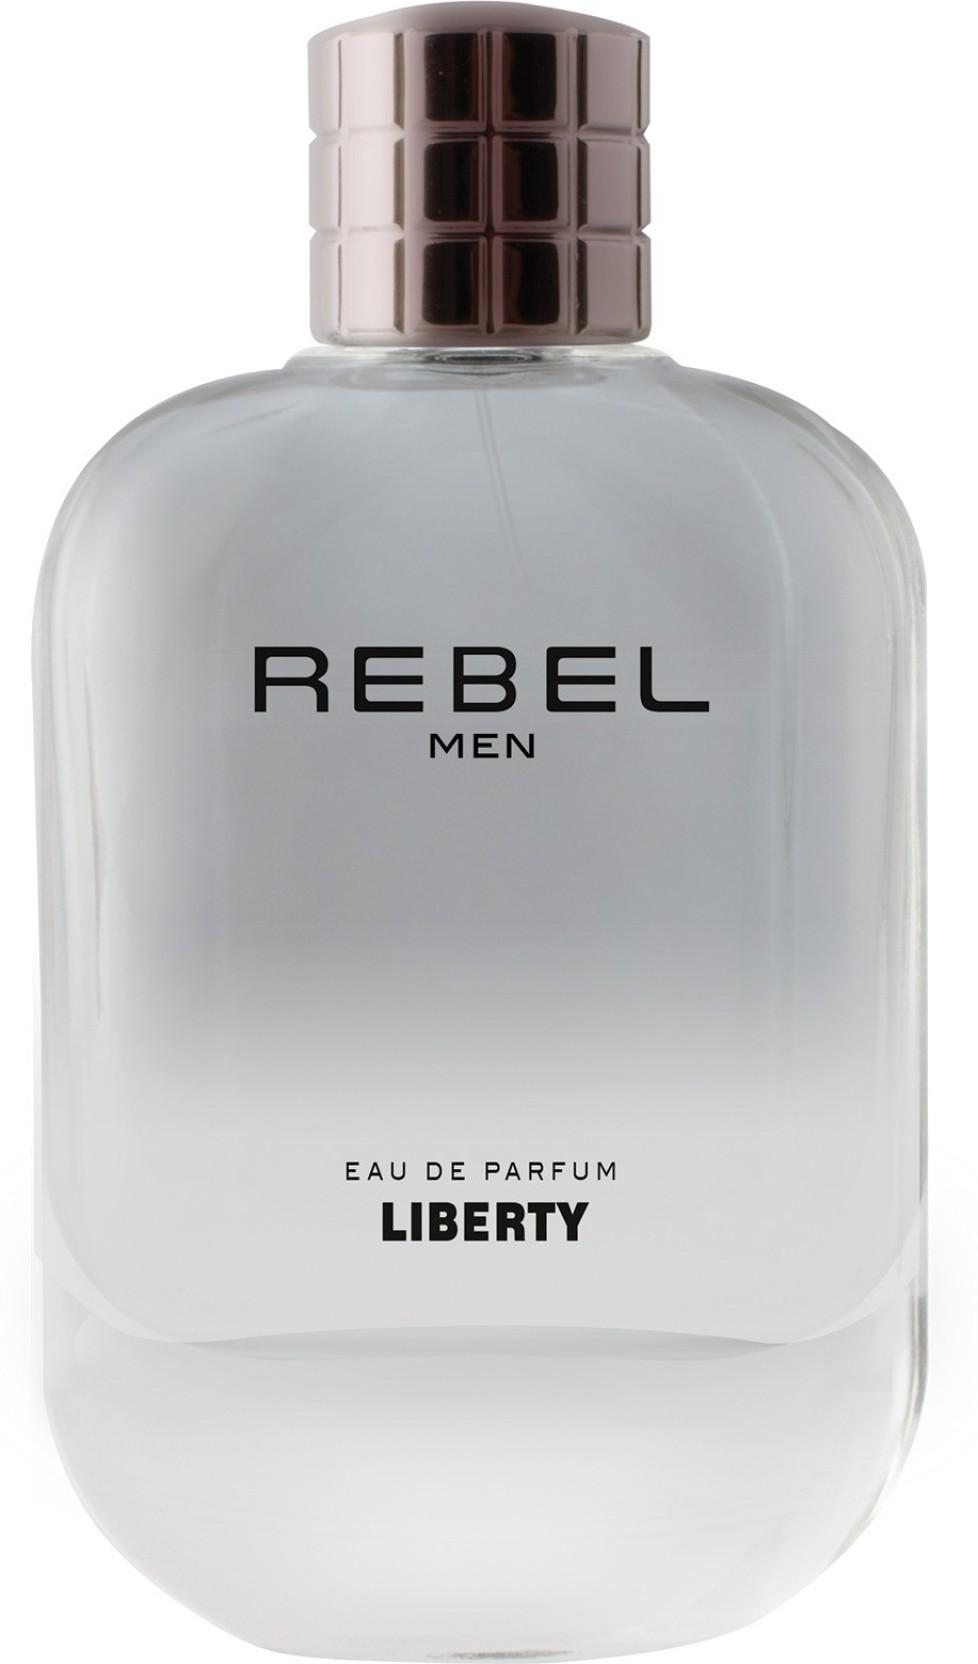 Parfum 100ml Pour Eau Edp Rebel Ml Buy Liberty De 100 Homme UVSzMpGq